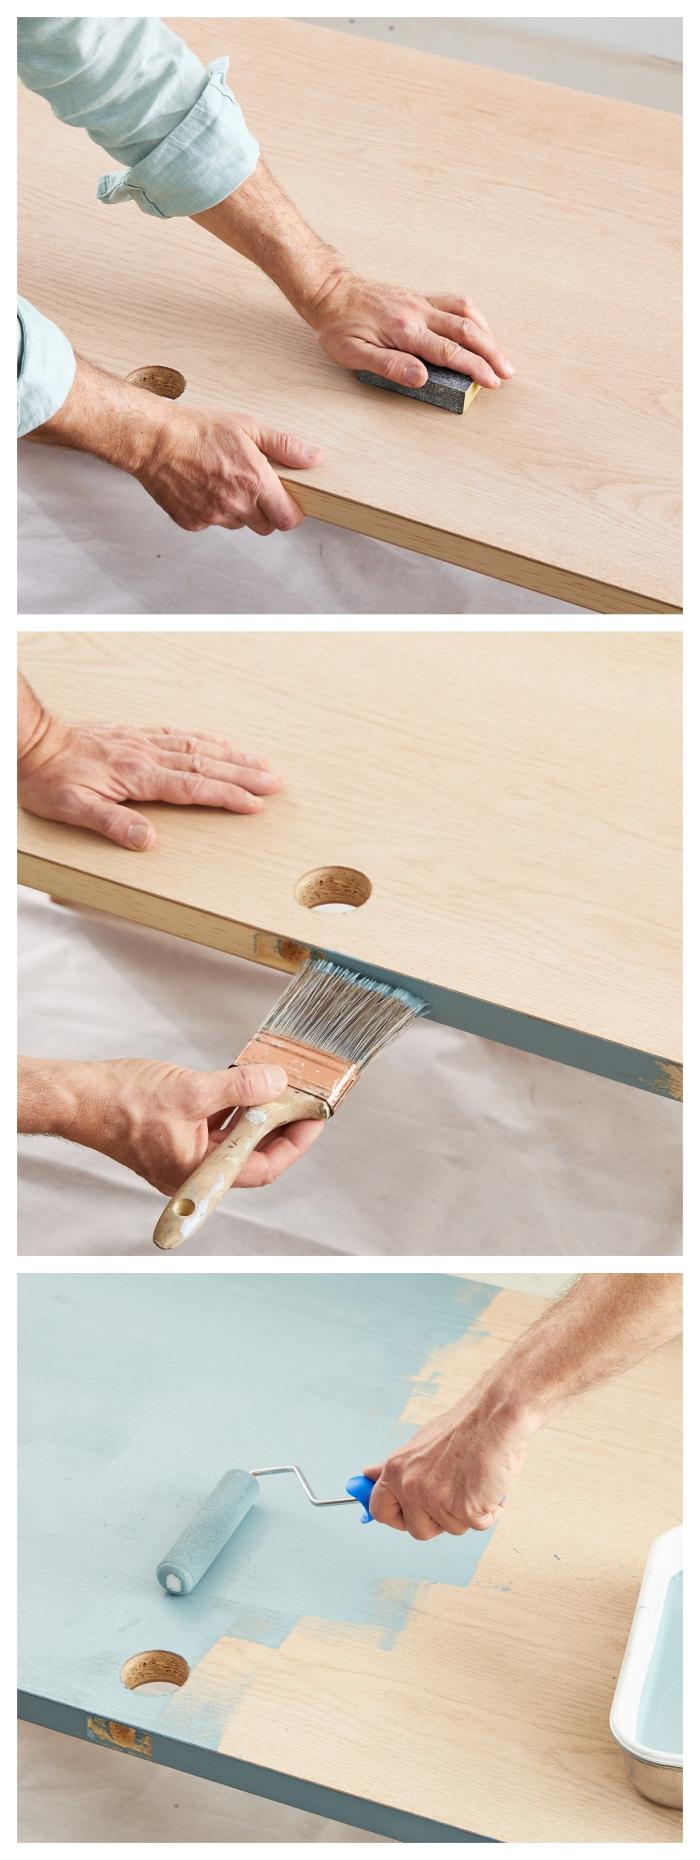 les astuces pratiques pour peindre une porte en bois plate en trois étapes faciles, tuto ponçage et pose de la peinture